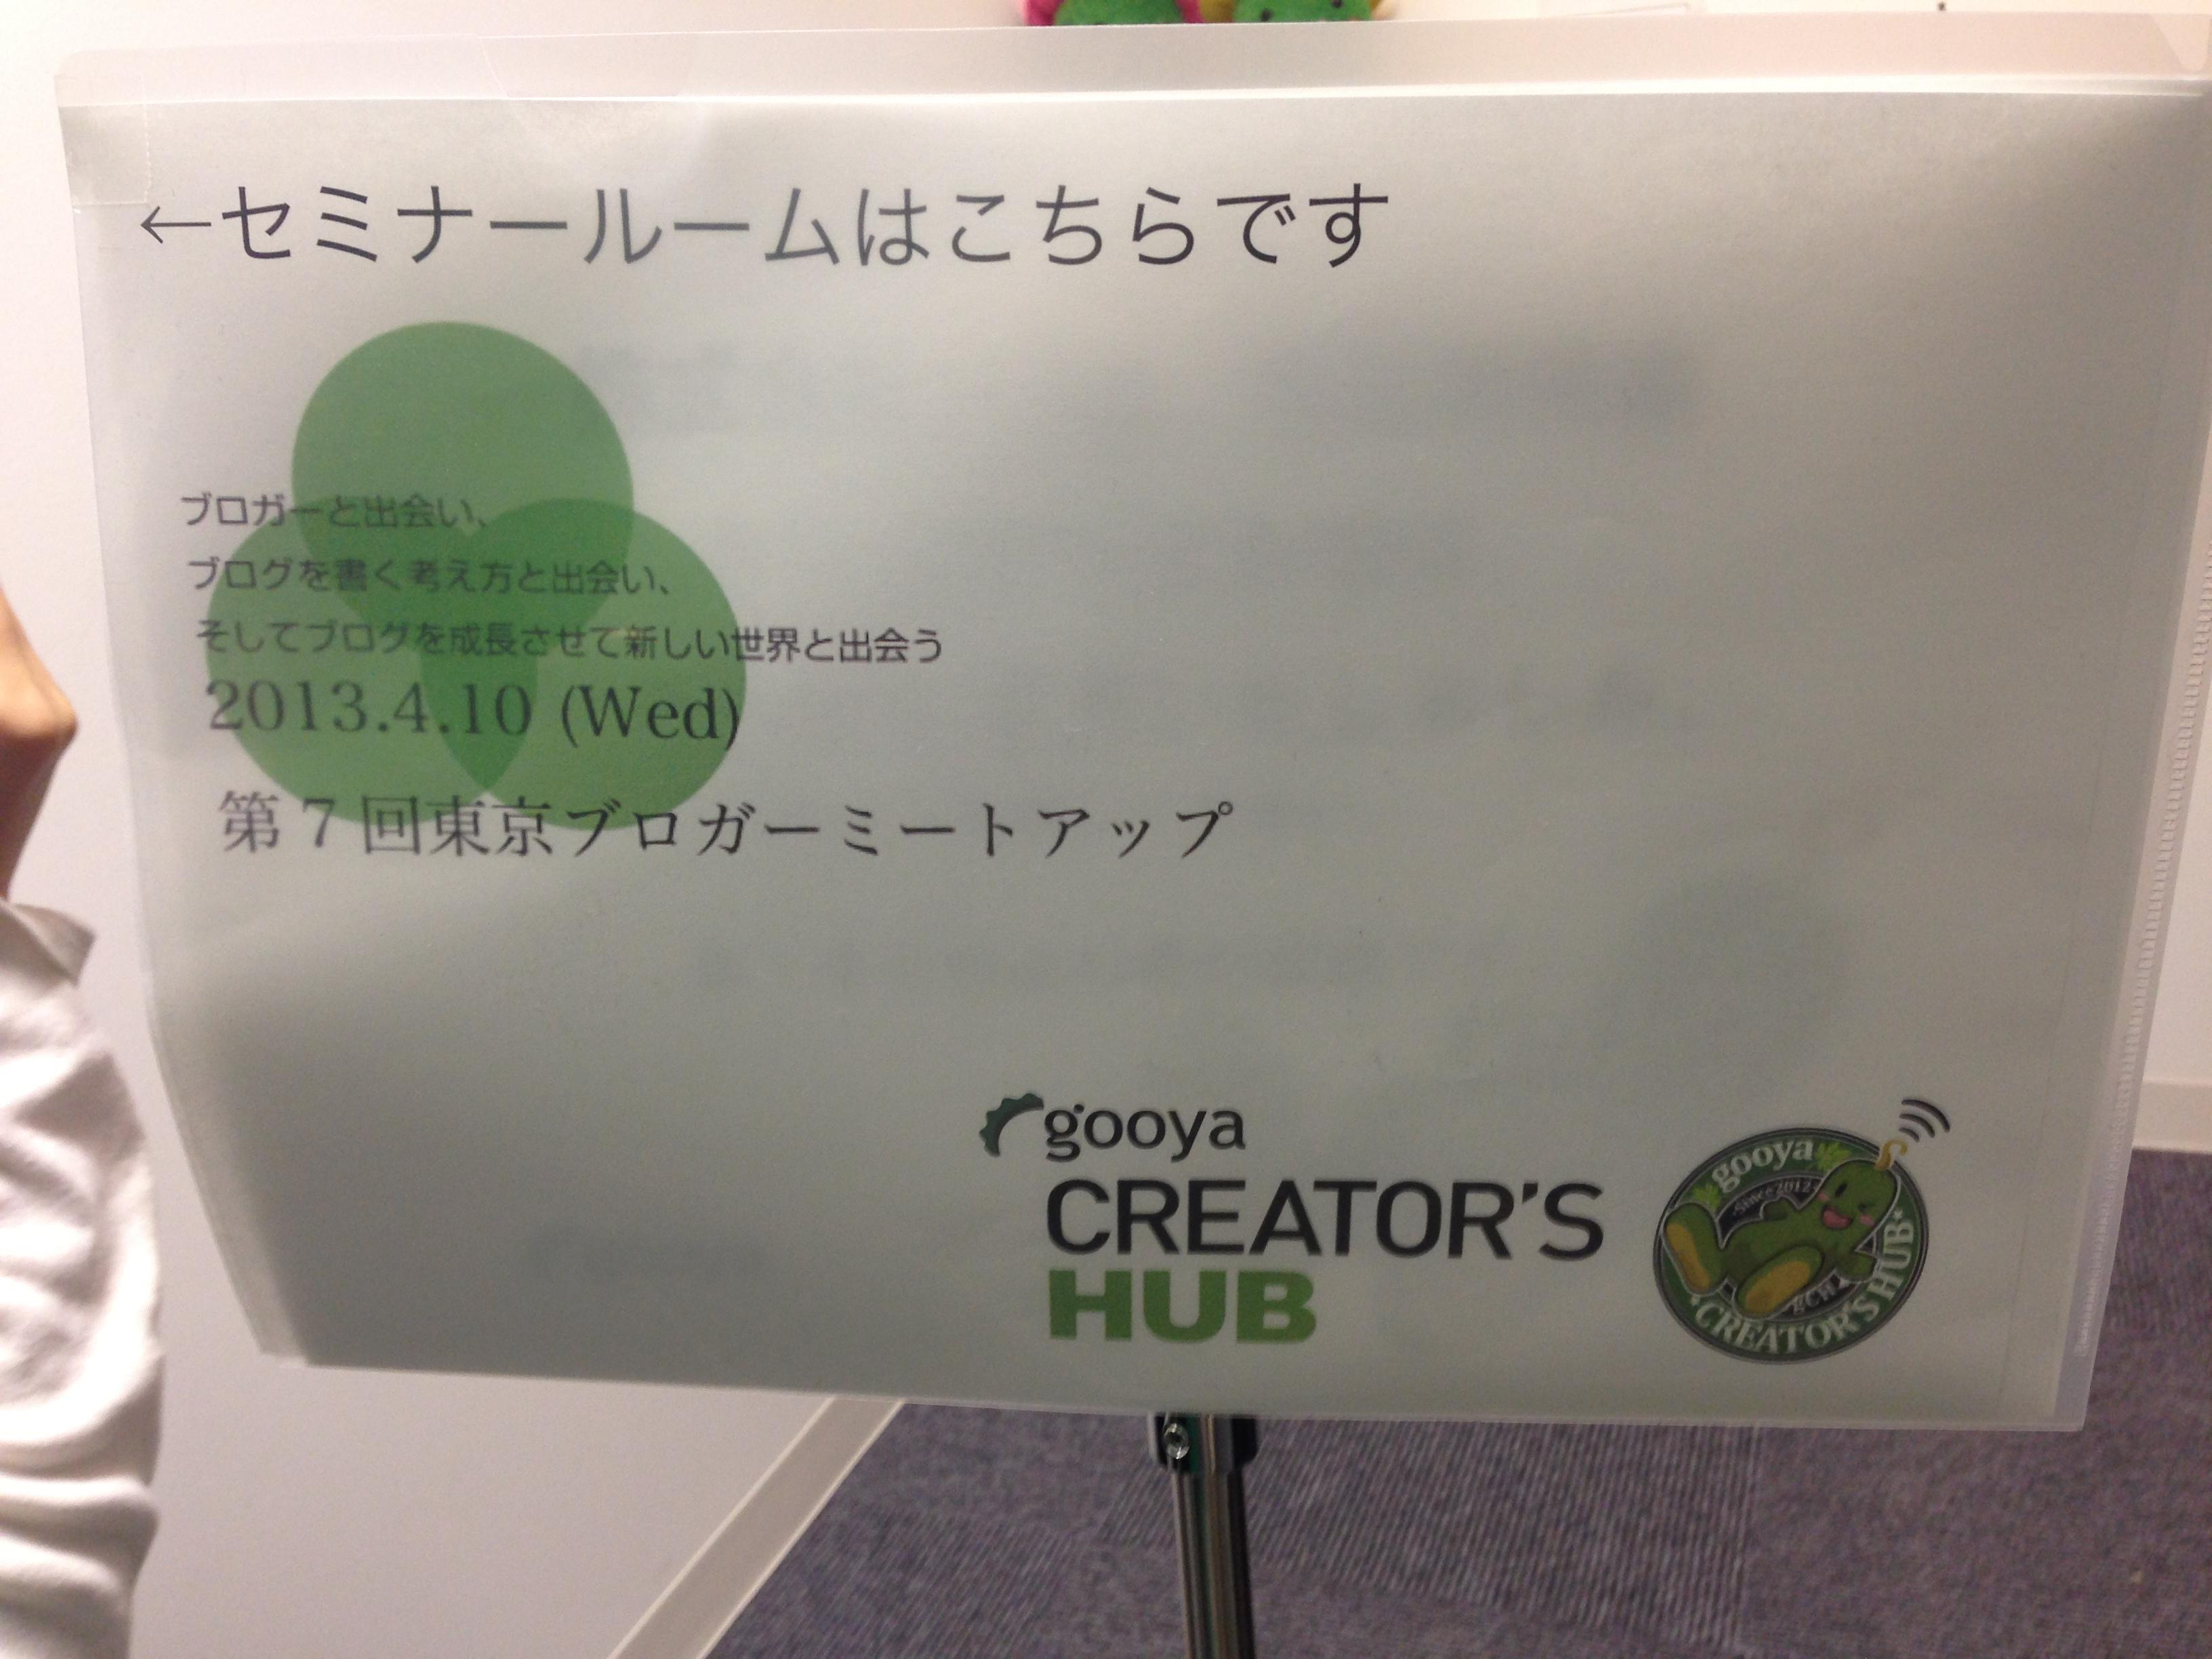 ブログデザインは読者のためにあり、読者からの信頼のためにある! 第7回東京ブロガーミートアップに参加してデザインの大切さを知る #tbmu